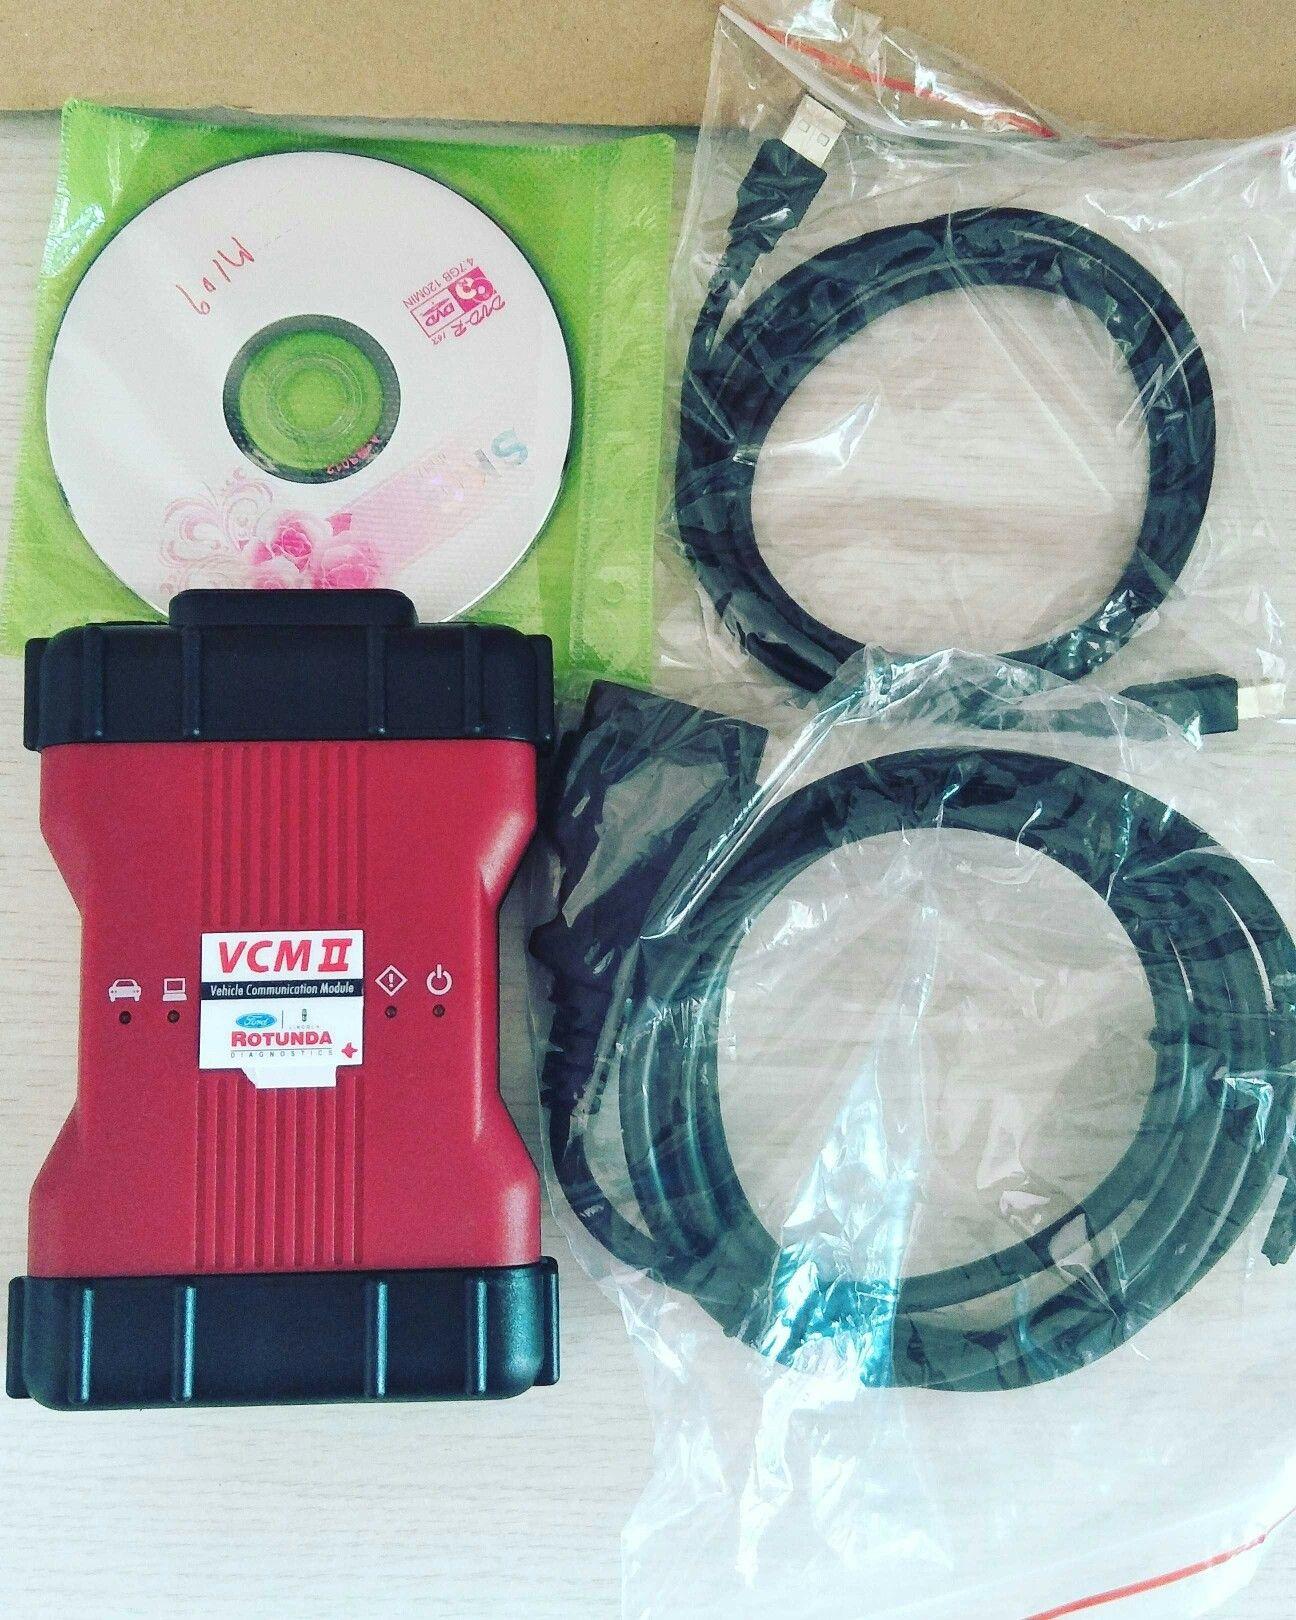 VCMII #VCM2IDSScanner Ford/Mazda vcm ii ids scanner Ford Mazda VCM 2